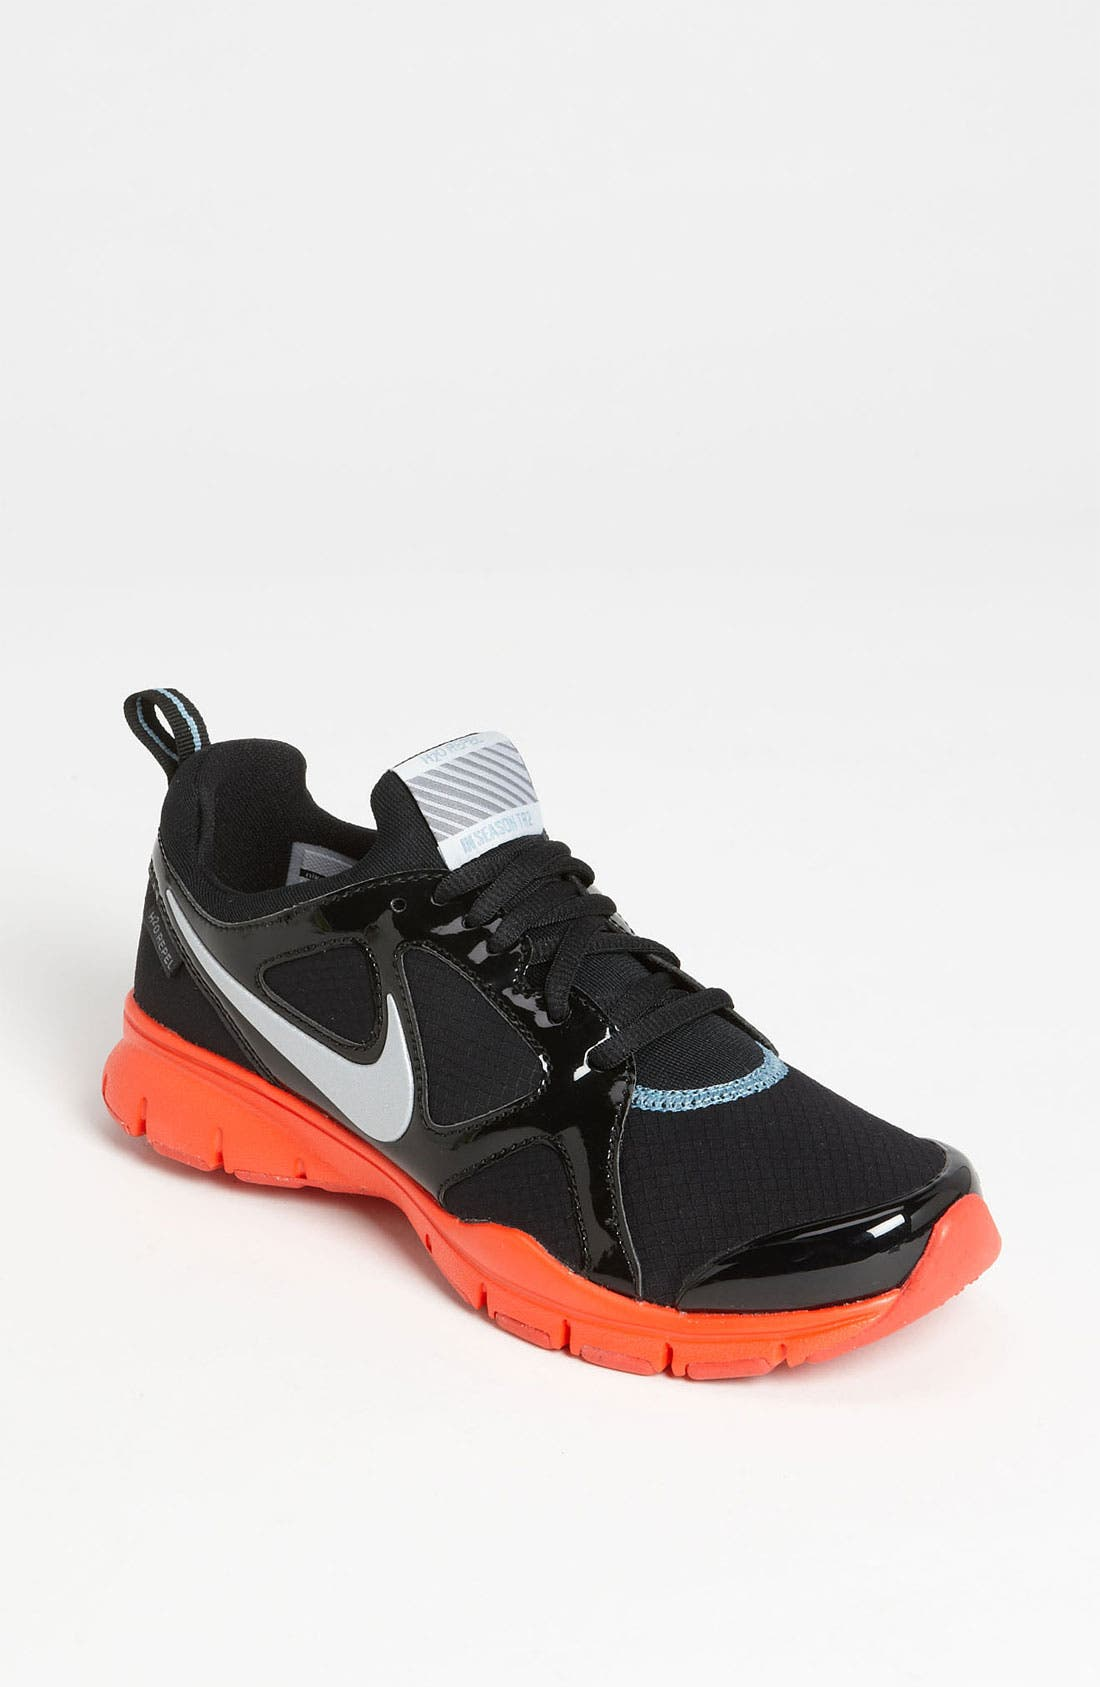 Main Image - Nike 'In Season TR 2 Shield' Training Shoe (Women)